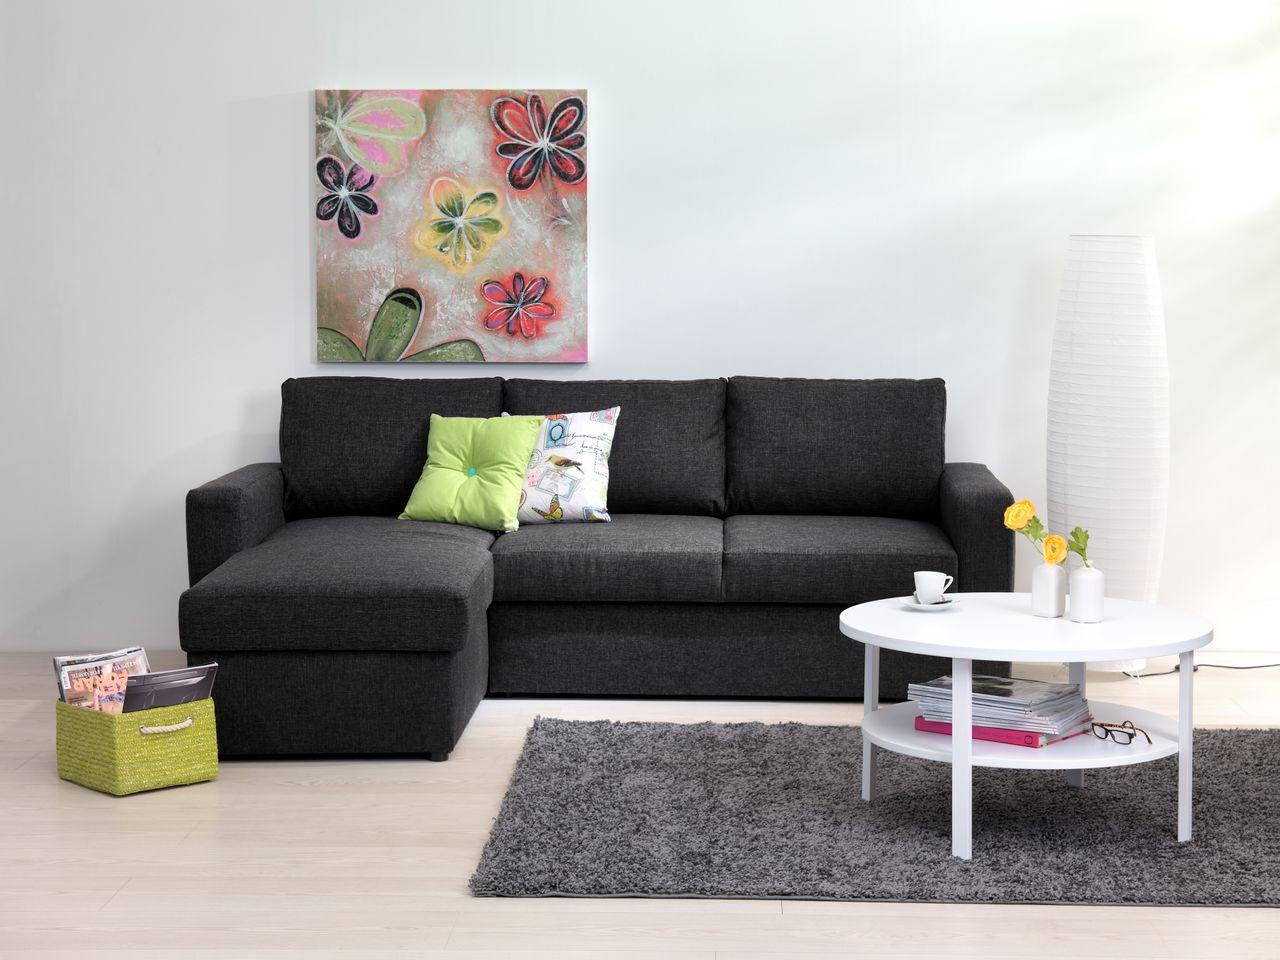 Soffbord SKIBBY mhylla svart | JYSK | Soffbord, Kaffebord